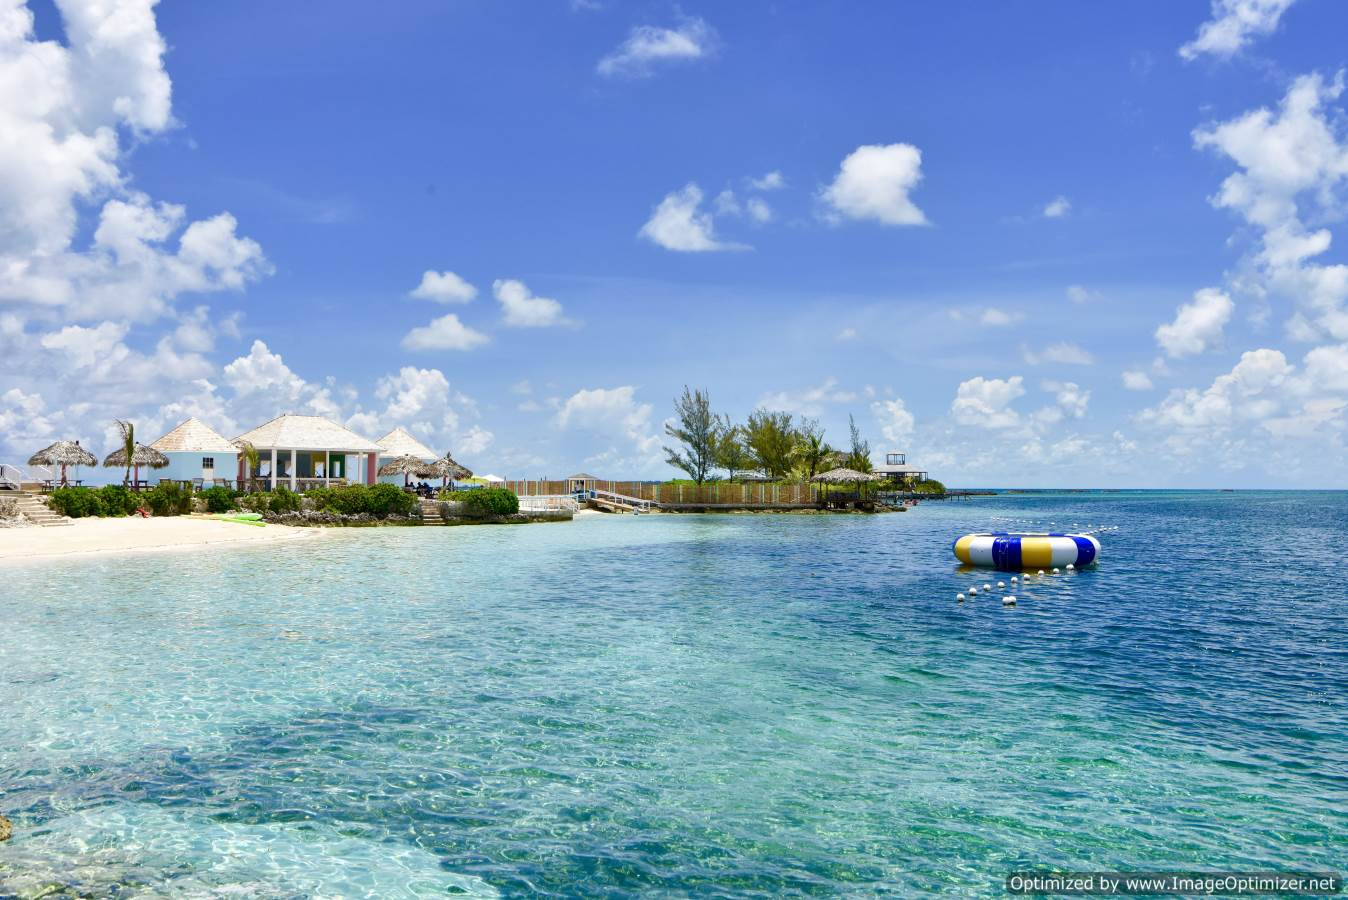 Pearl%20Island%20Bahamas%2C%20beach%2C%20caribbean%20ocean min 0 - beach weddings in las vegas